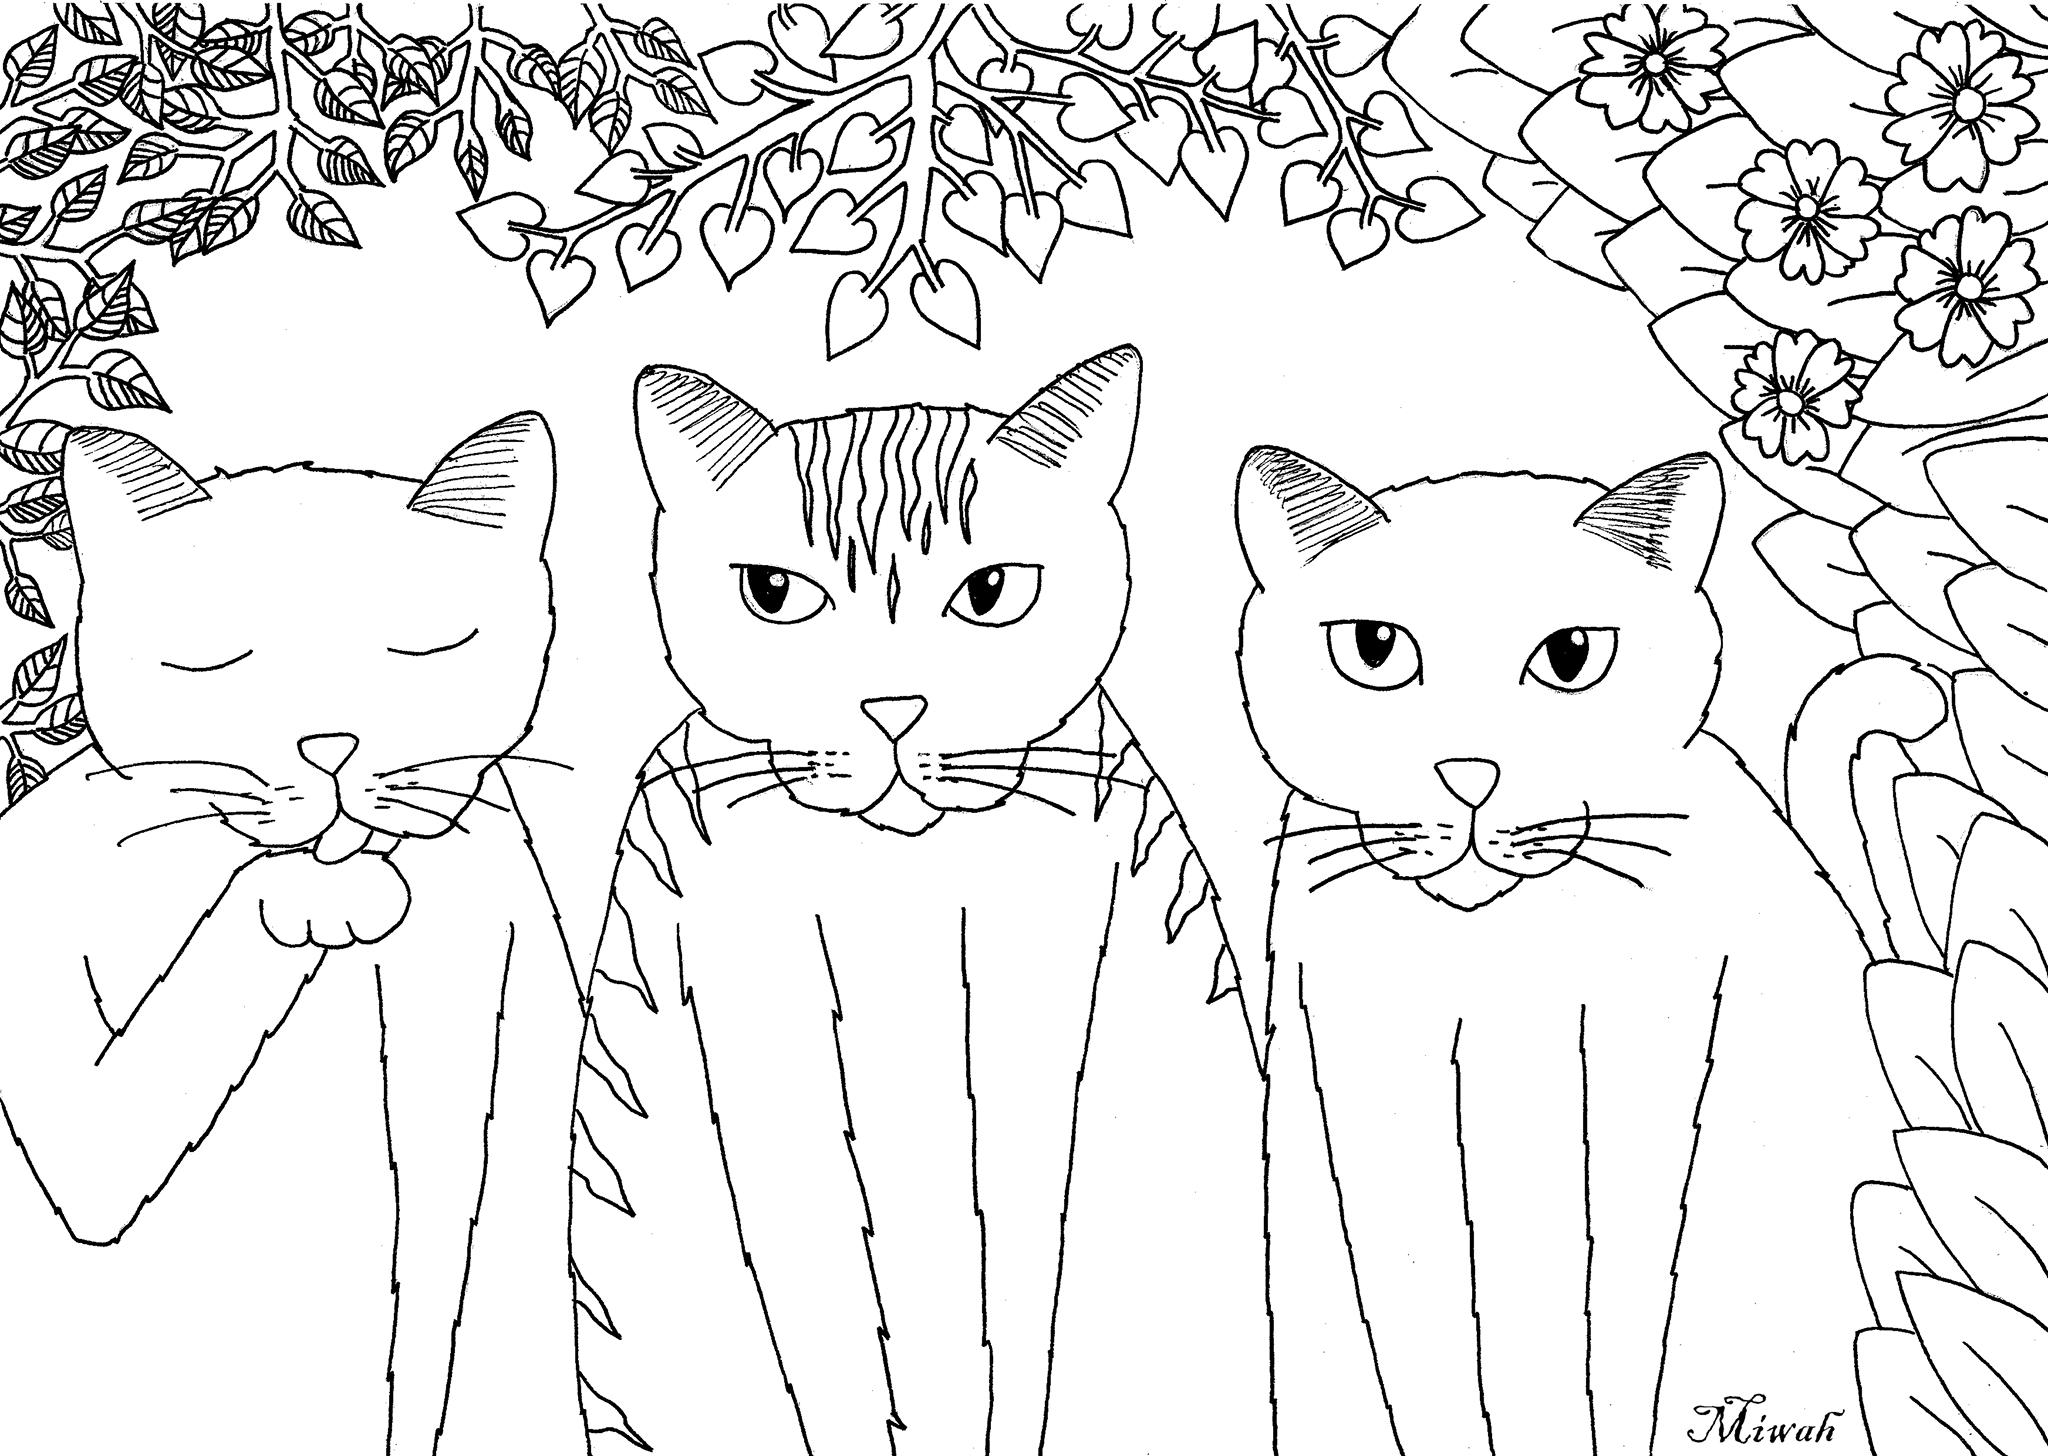 Trois Petits Chats Par Miwah | Animaux - Coloriages avec Dessin De Chat Simple